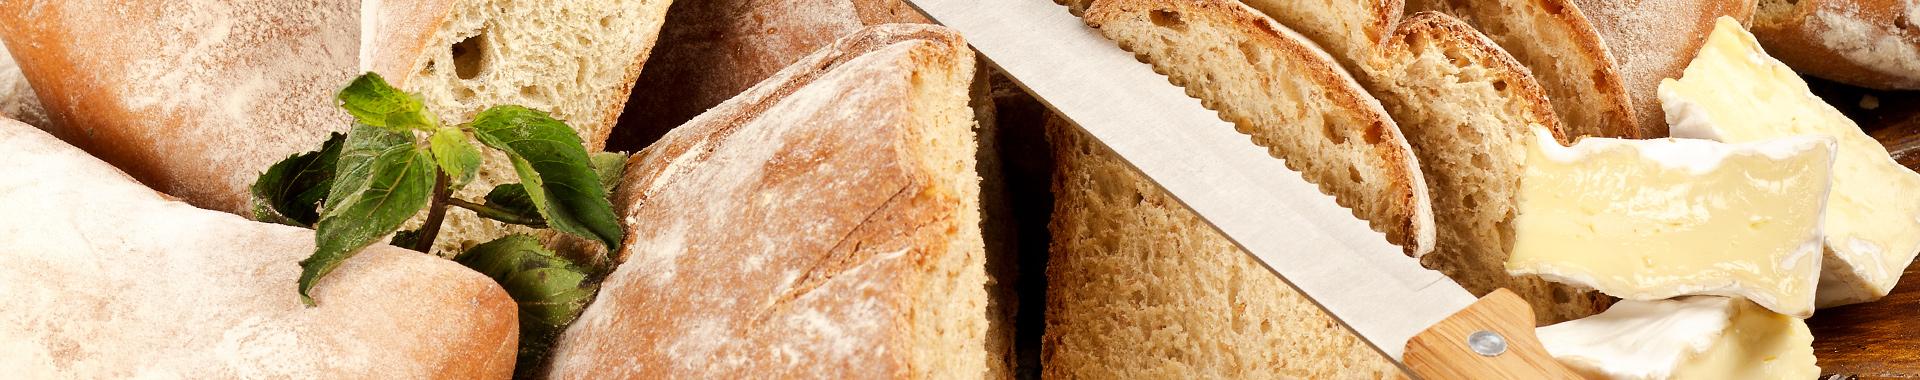 MJC_head_breads1.jpg